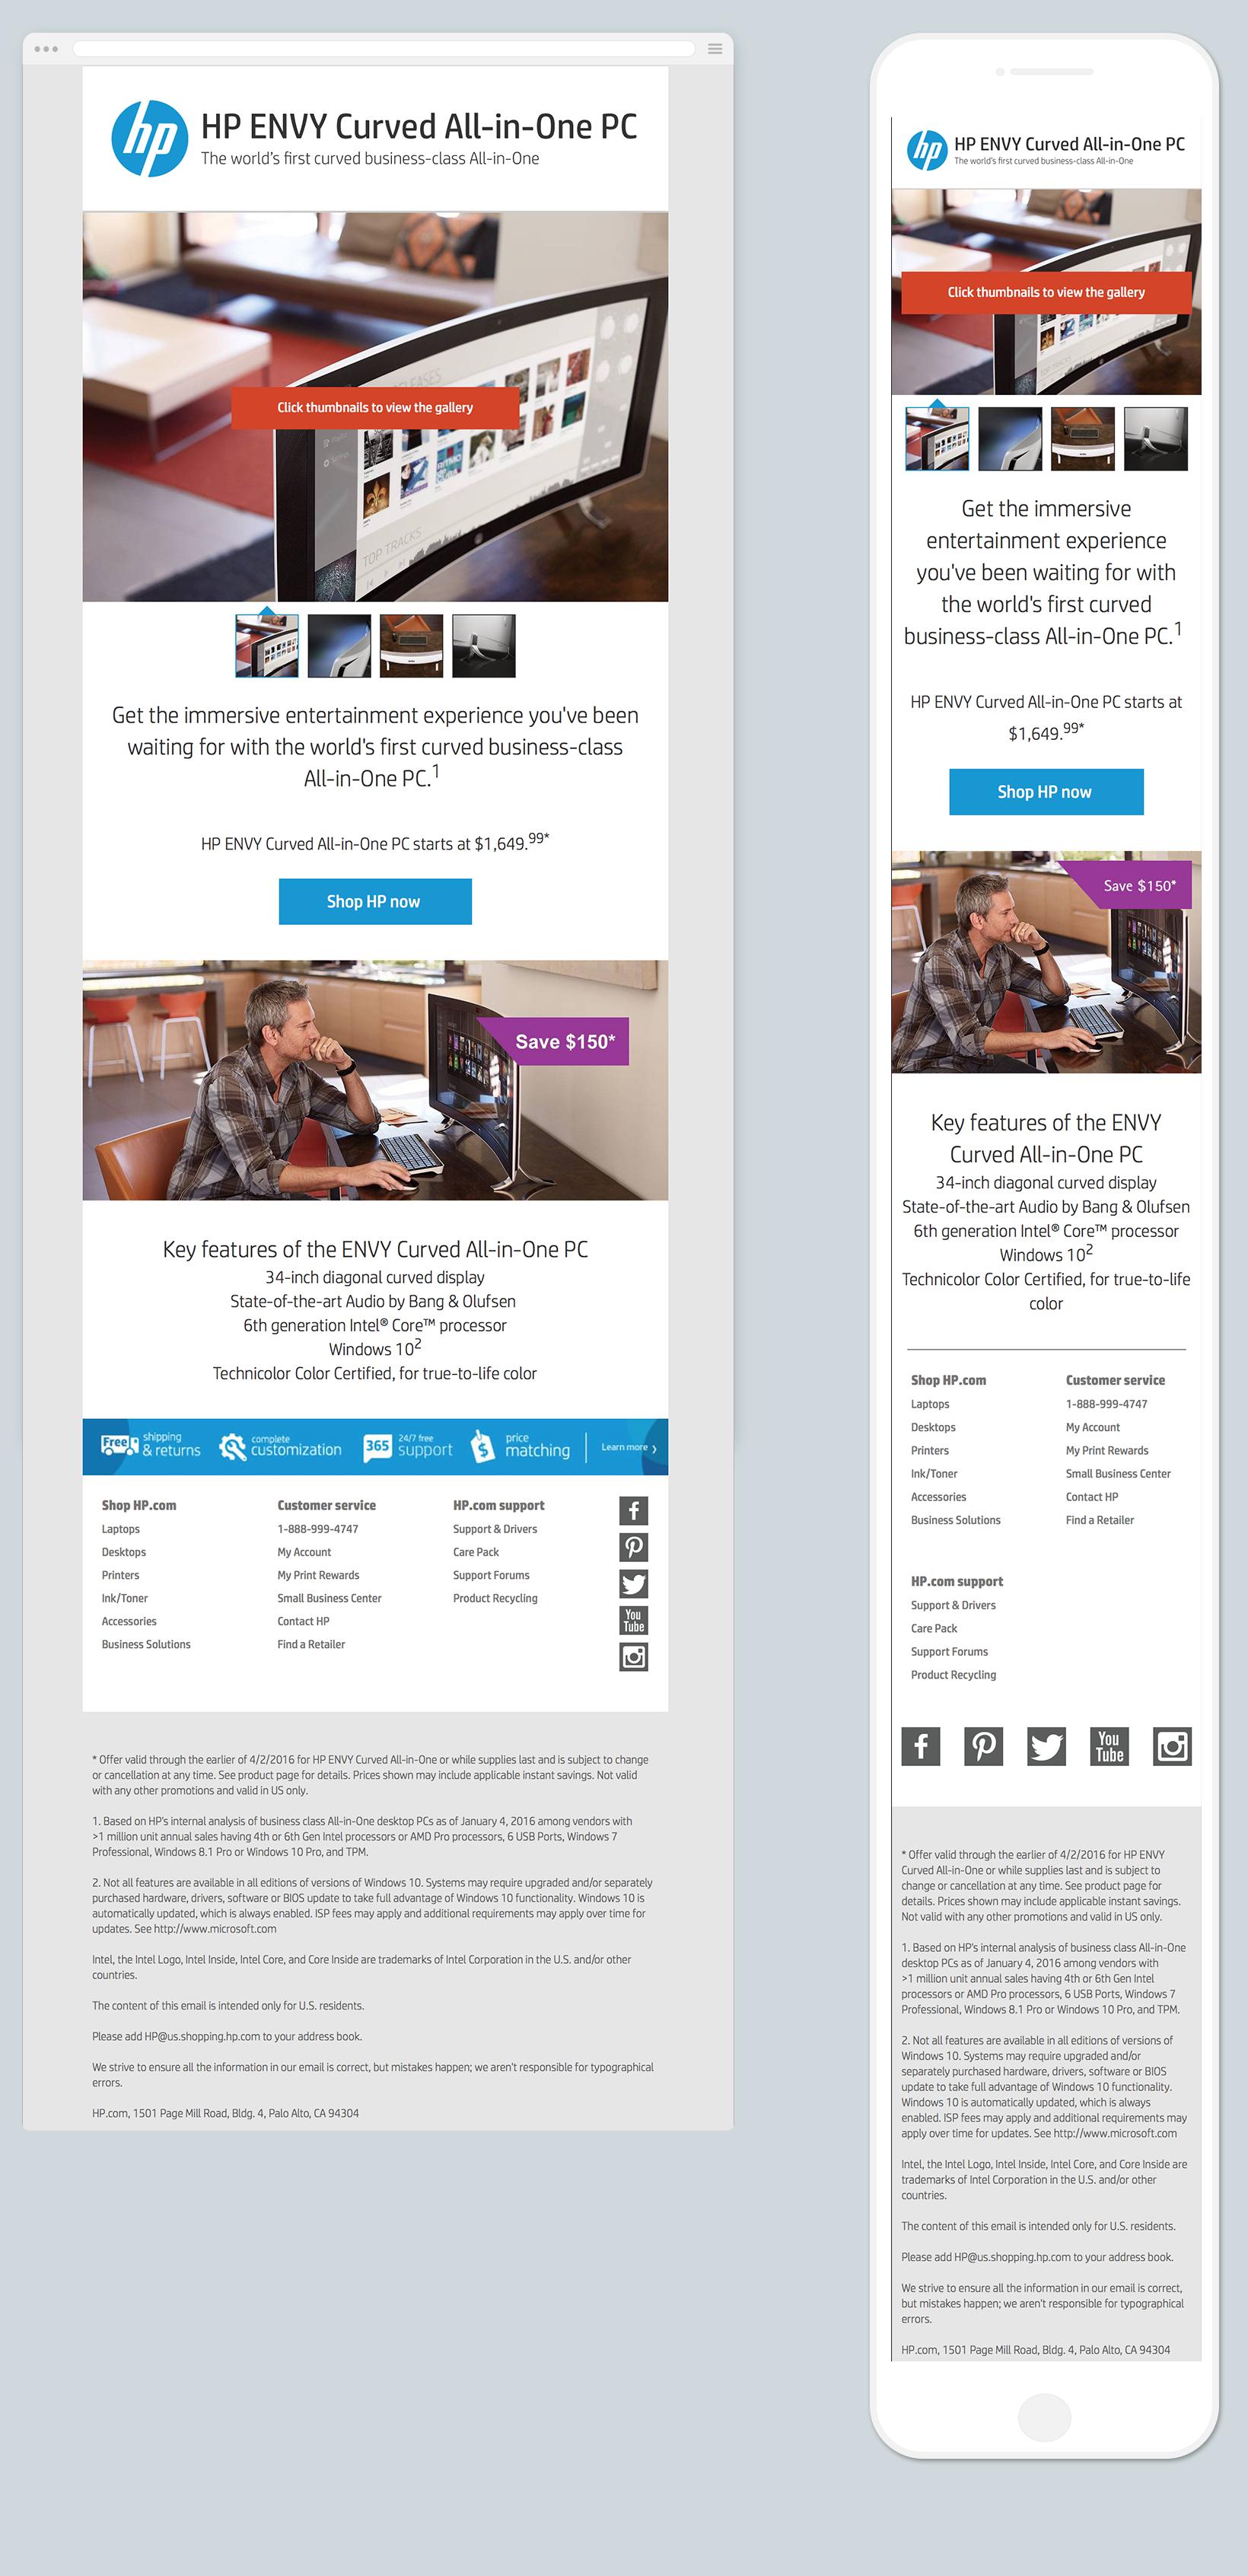 Exemple De Carousel Interactif Dans Un Emailing La Compatibilite Avec Les Clients Mails Est Limites Mais Email Design Inspiration Email Design Email Marketing